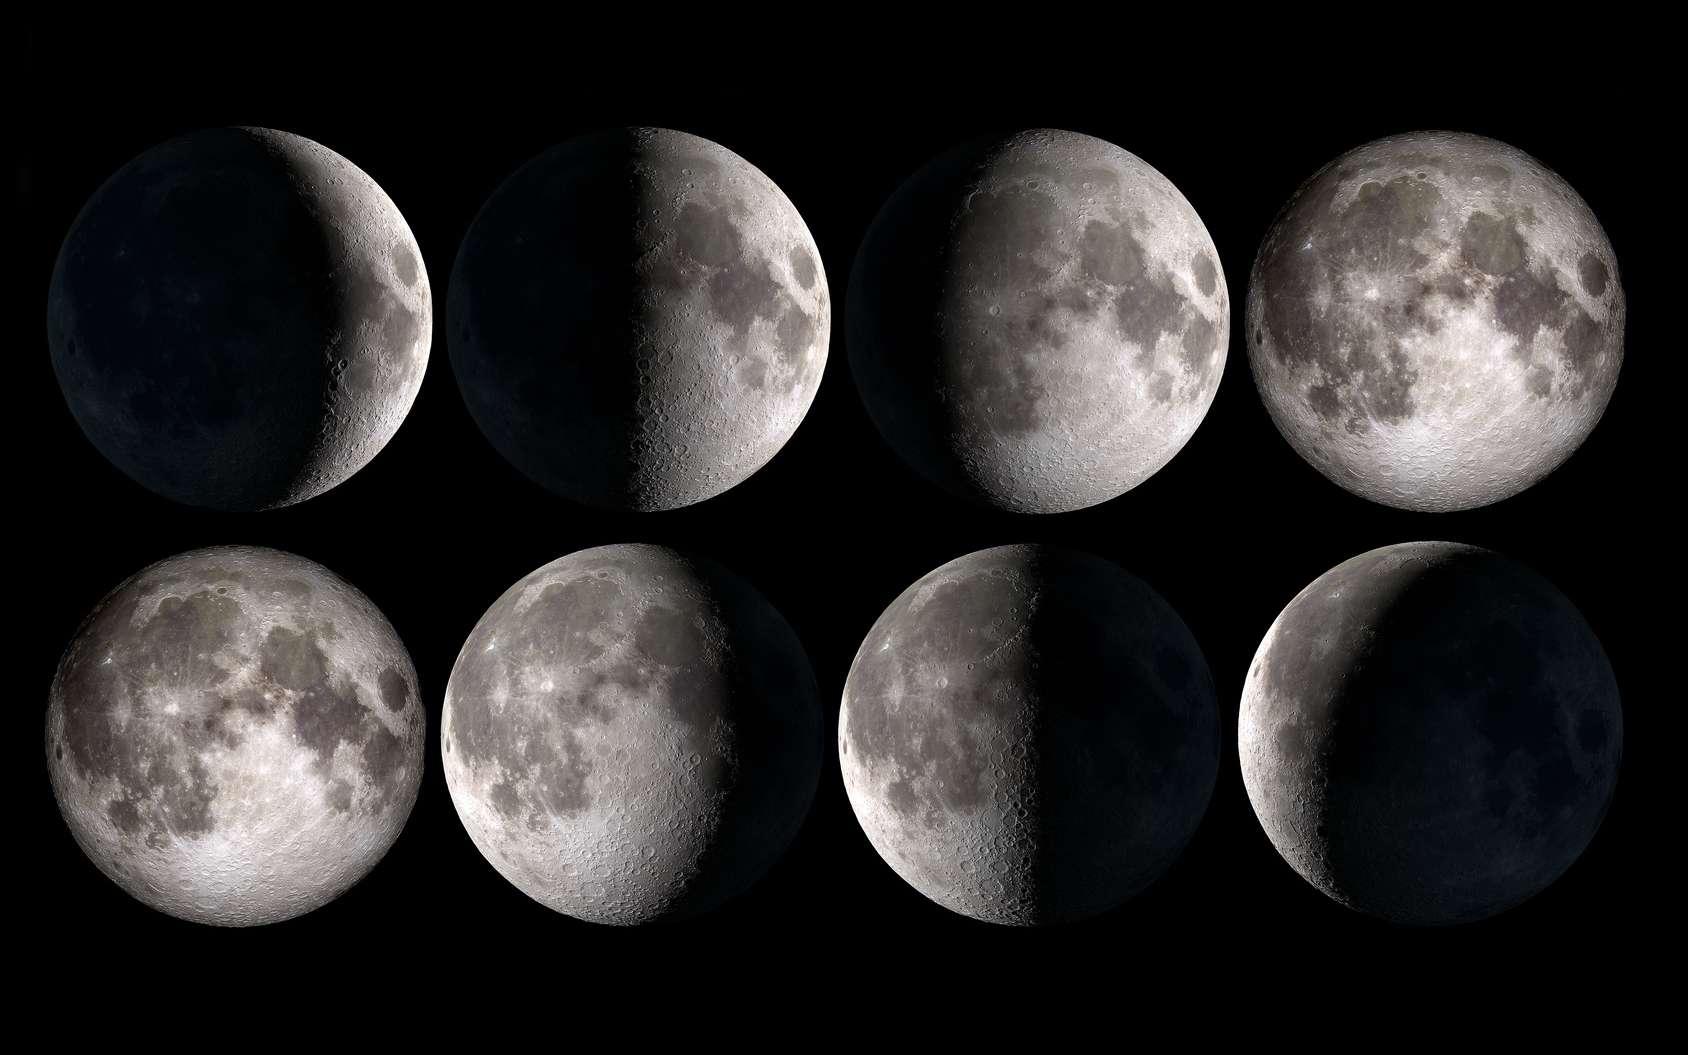 Les différentes phases de la Lune. © Delphotostock, fotolia